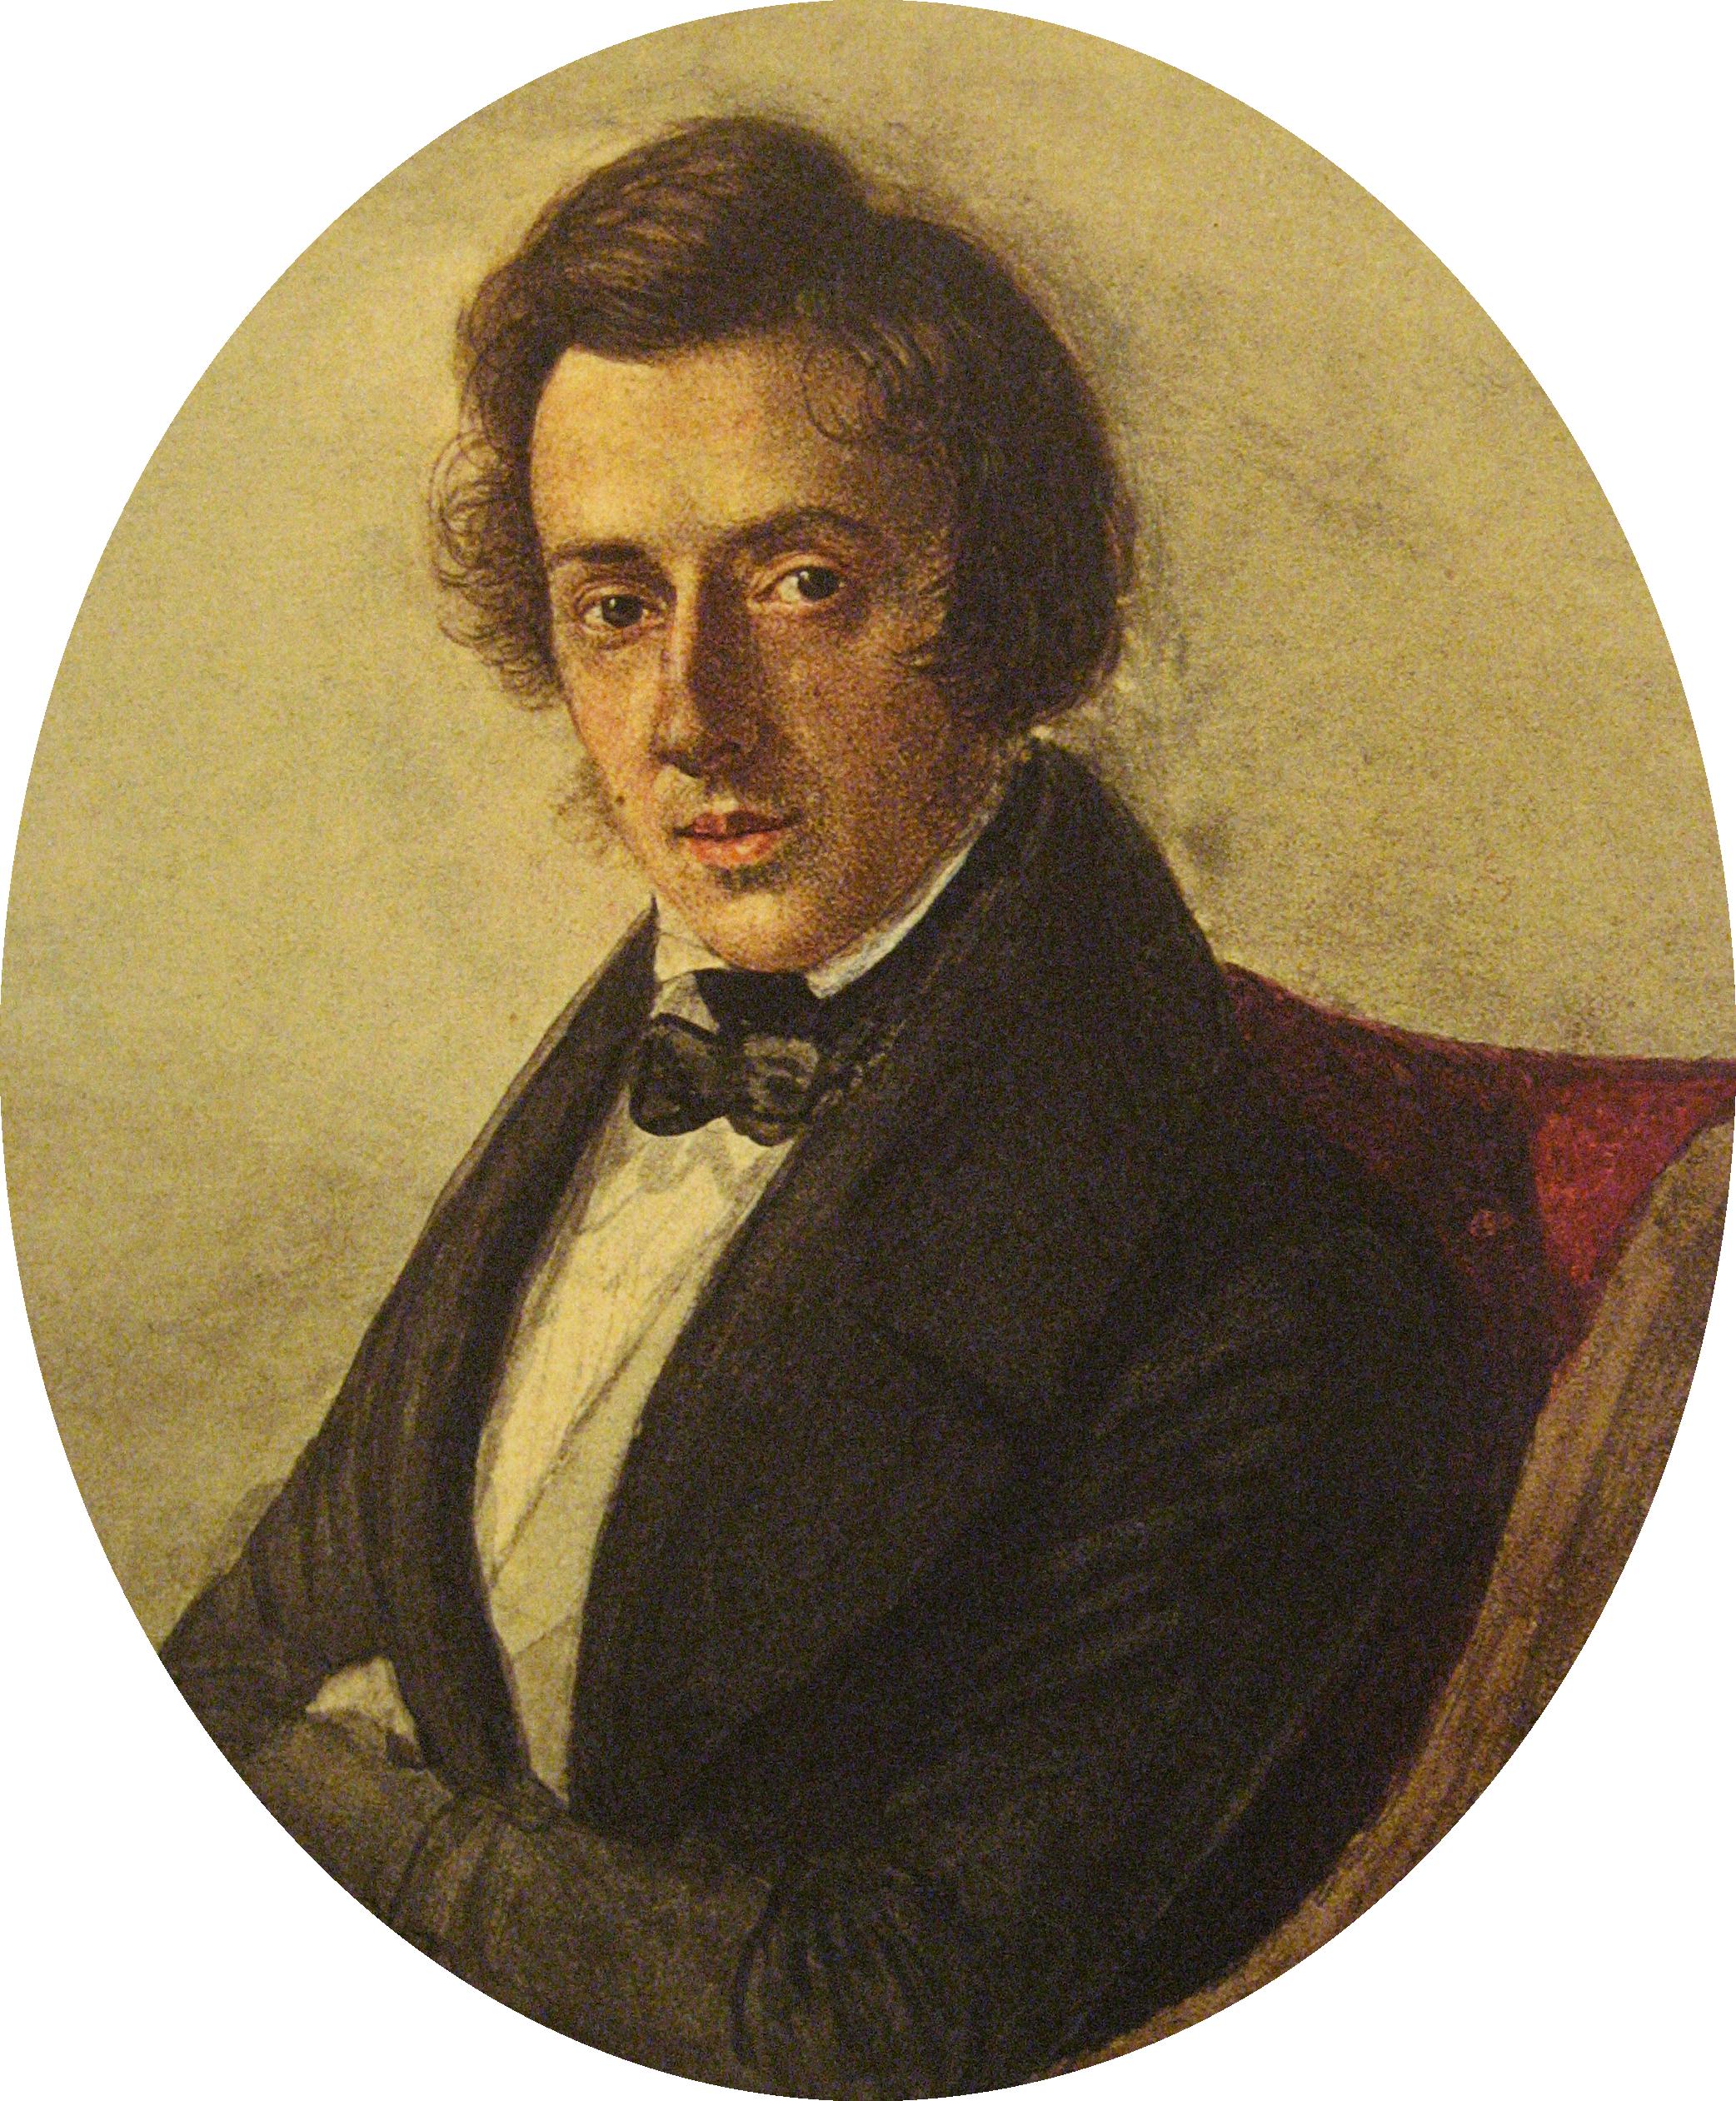 Alex Mealey - 4.11.13 - Chopin - www.MyFrenchLife.org